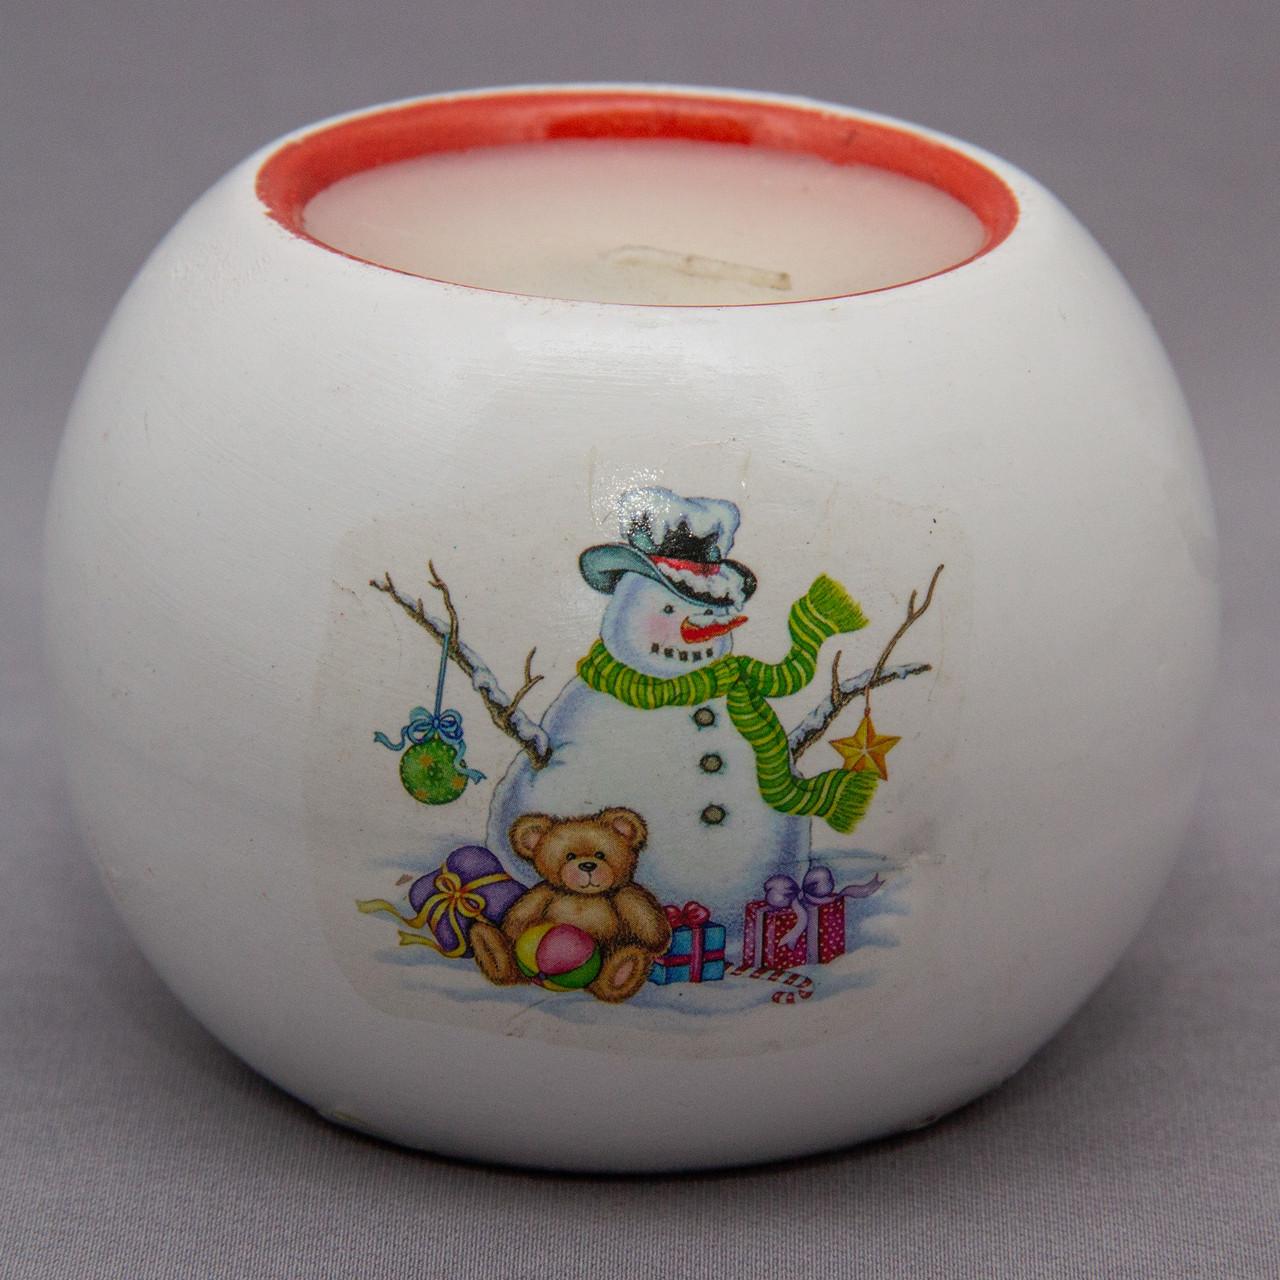 Подсвечник со свечой Снеговик, 8,4*8,4*6,4см (790821-1)